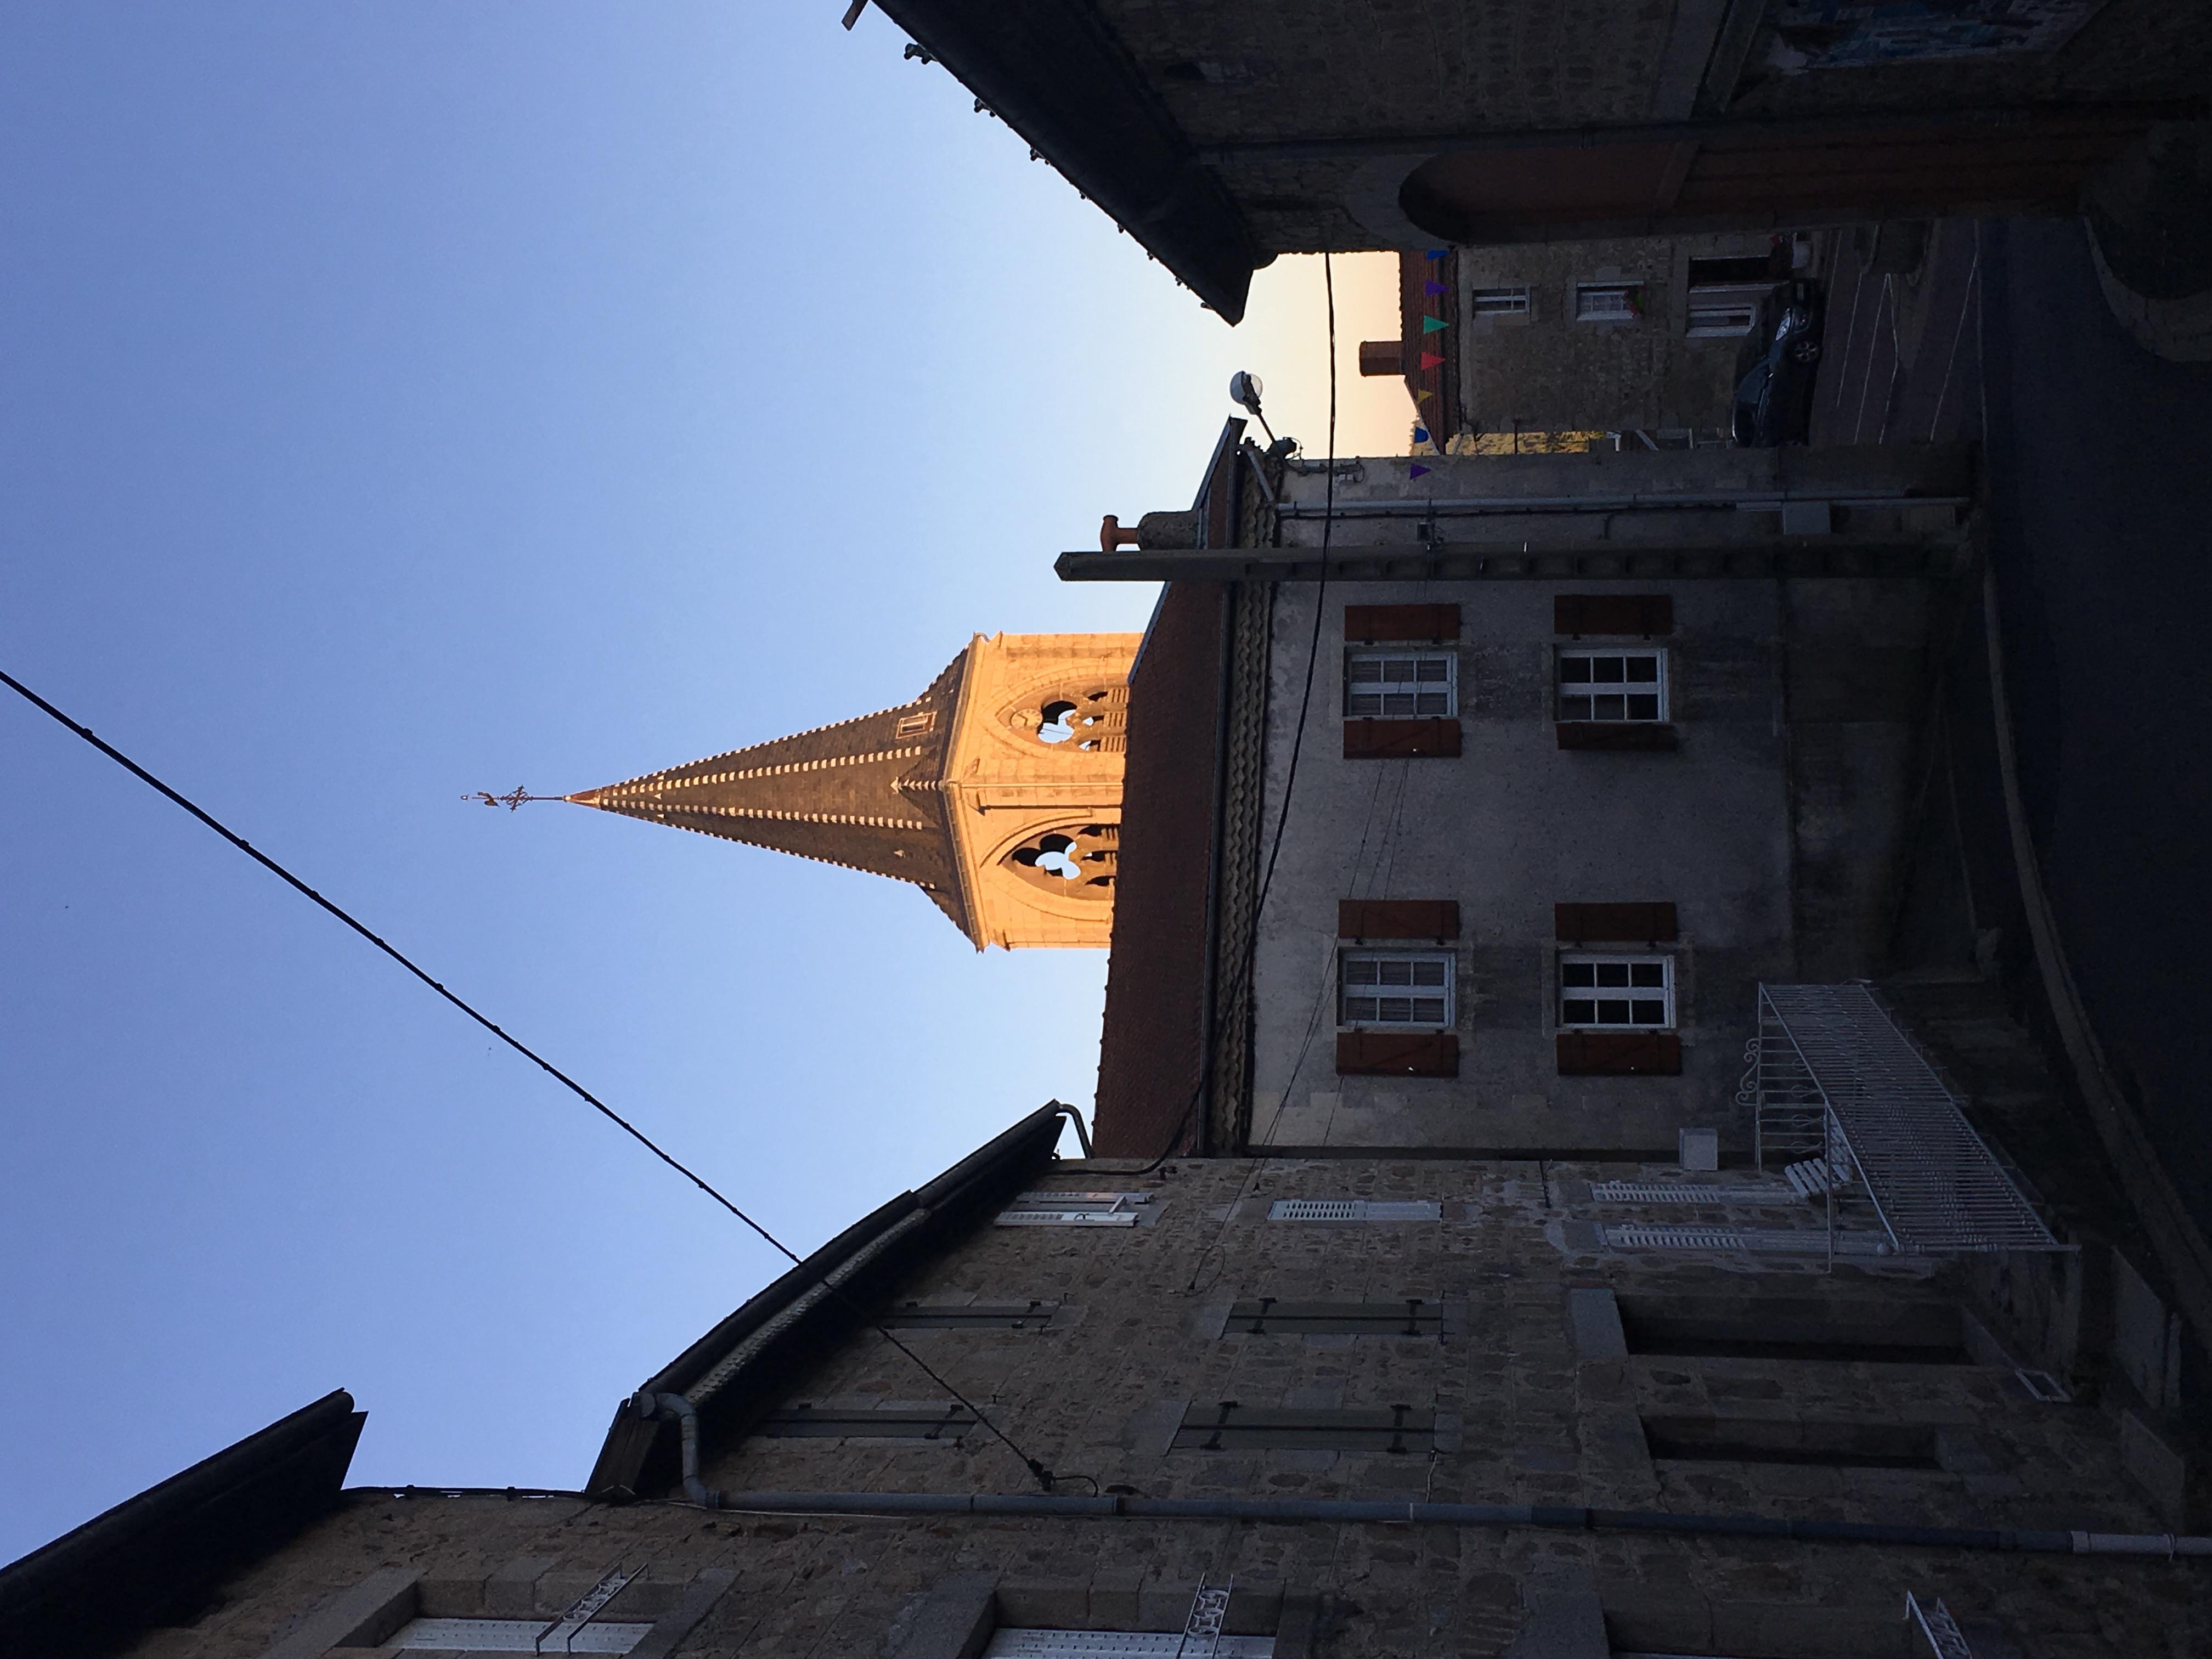 Vår närmaste granne kyrkan tittar fram bakom vår gavel.